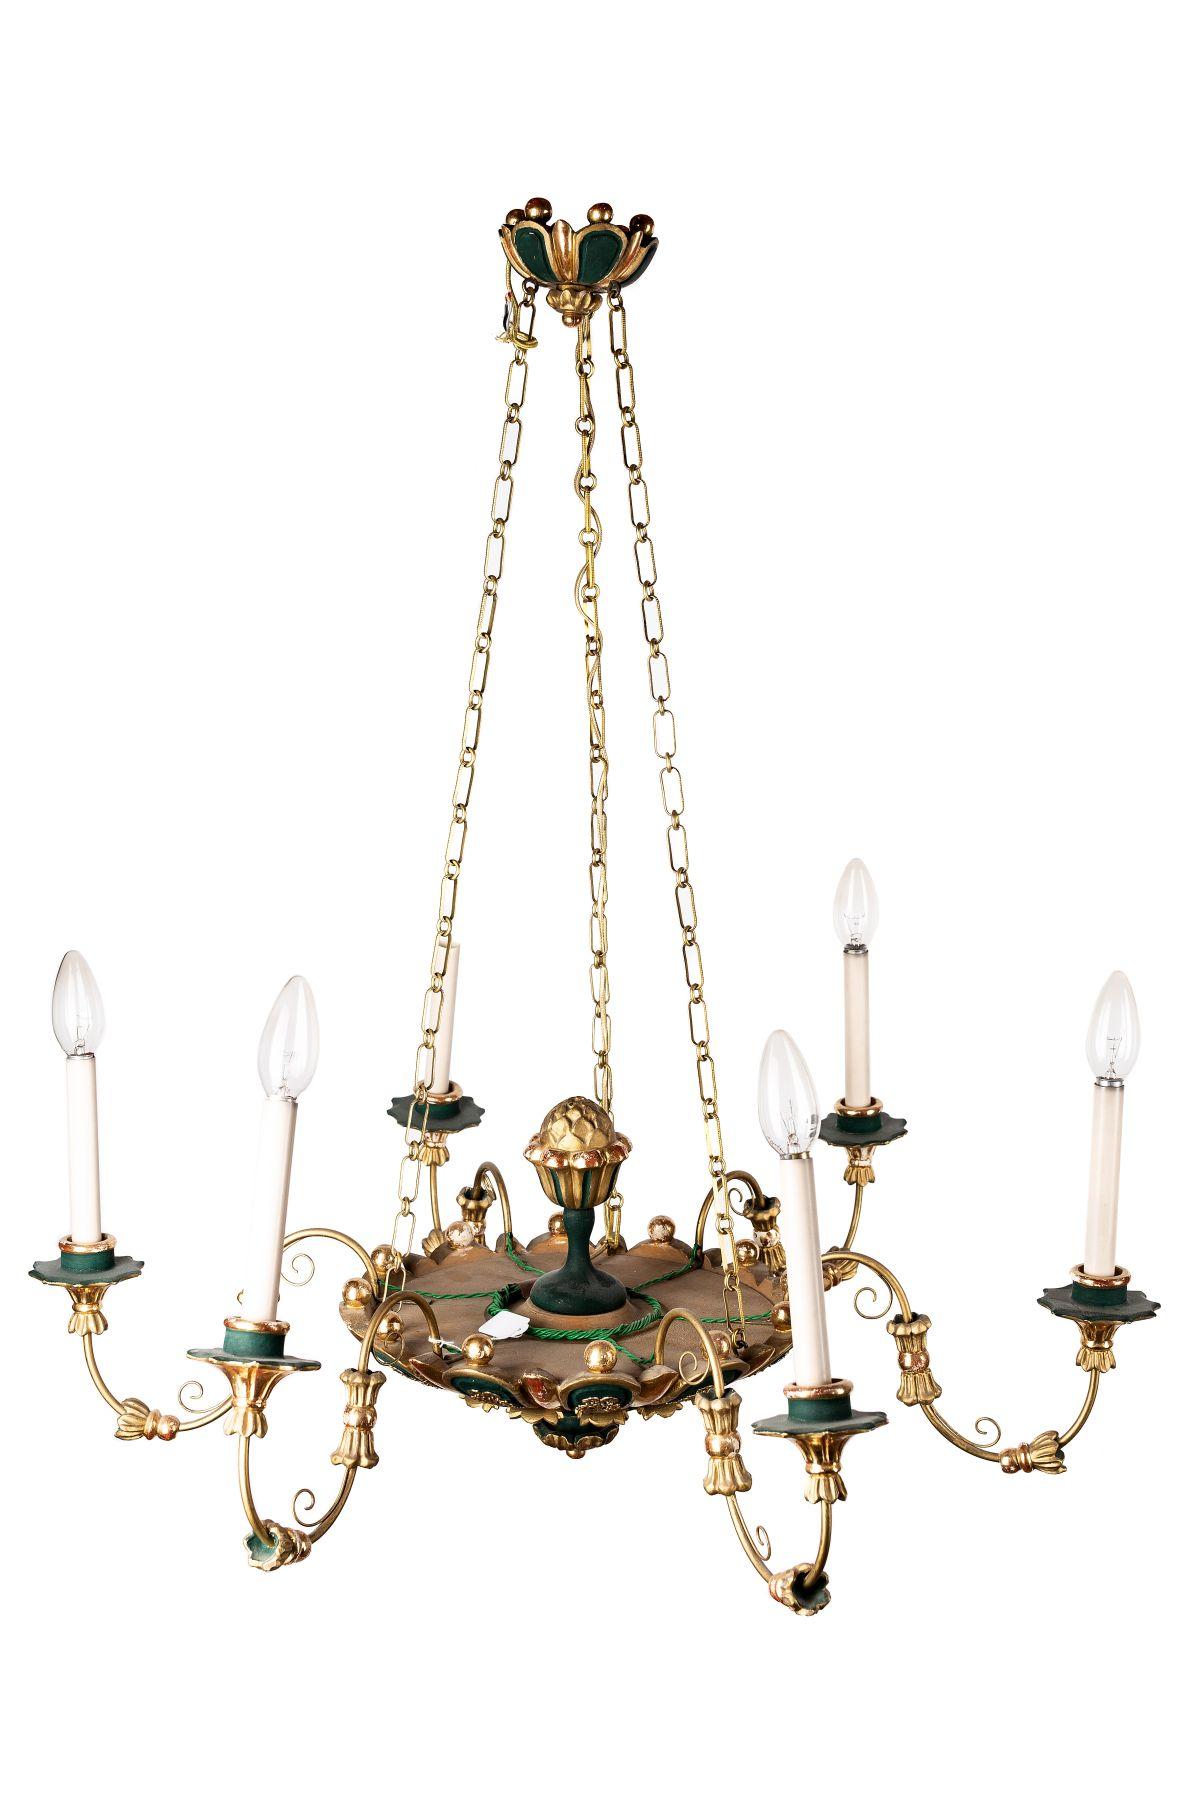 #96 6-armed Biedermeier chandelier | 6-armiger Biedermeir Luster Image